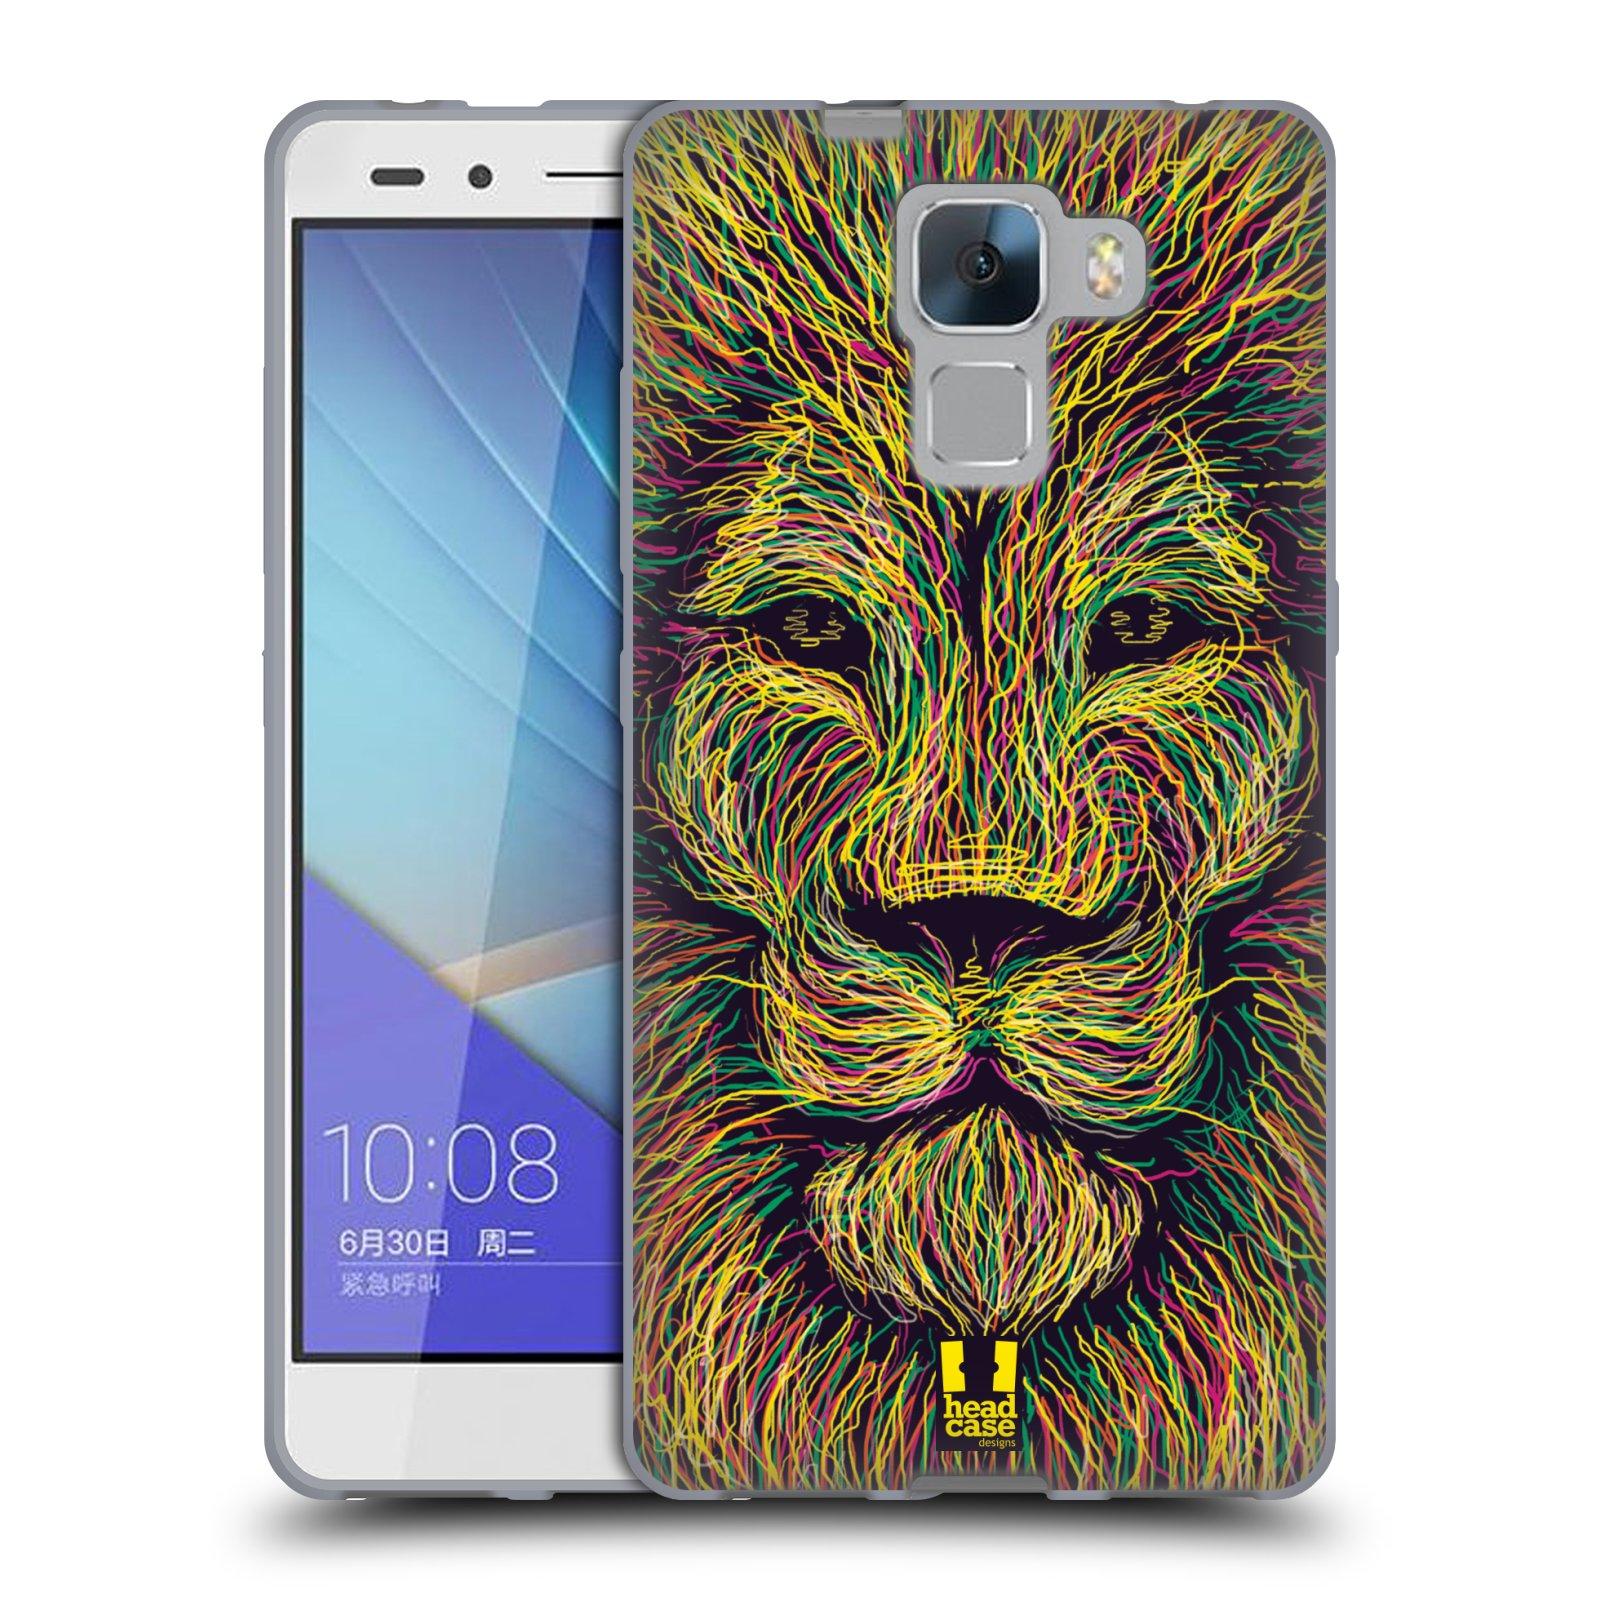 HEAD CASE silikonový obal na mobil HUAWEI HONOR 7 vzor zvíře čmáranice lev